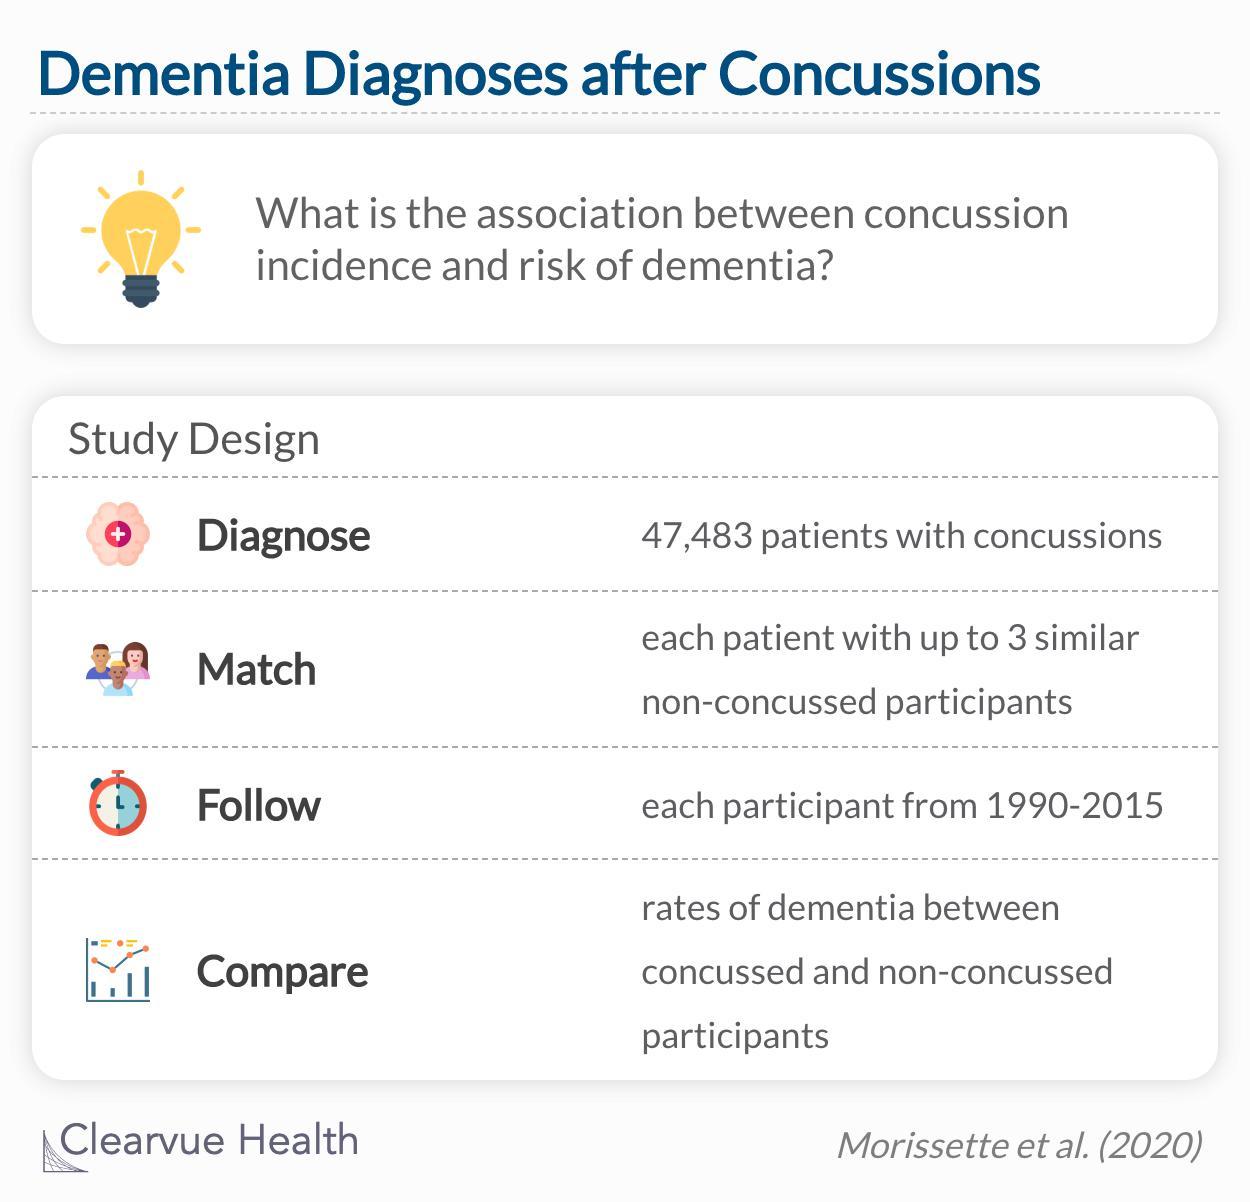 dementia and concussion study design